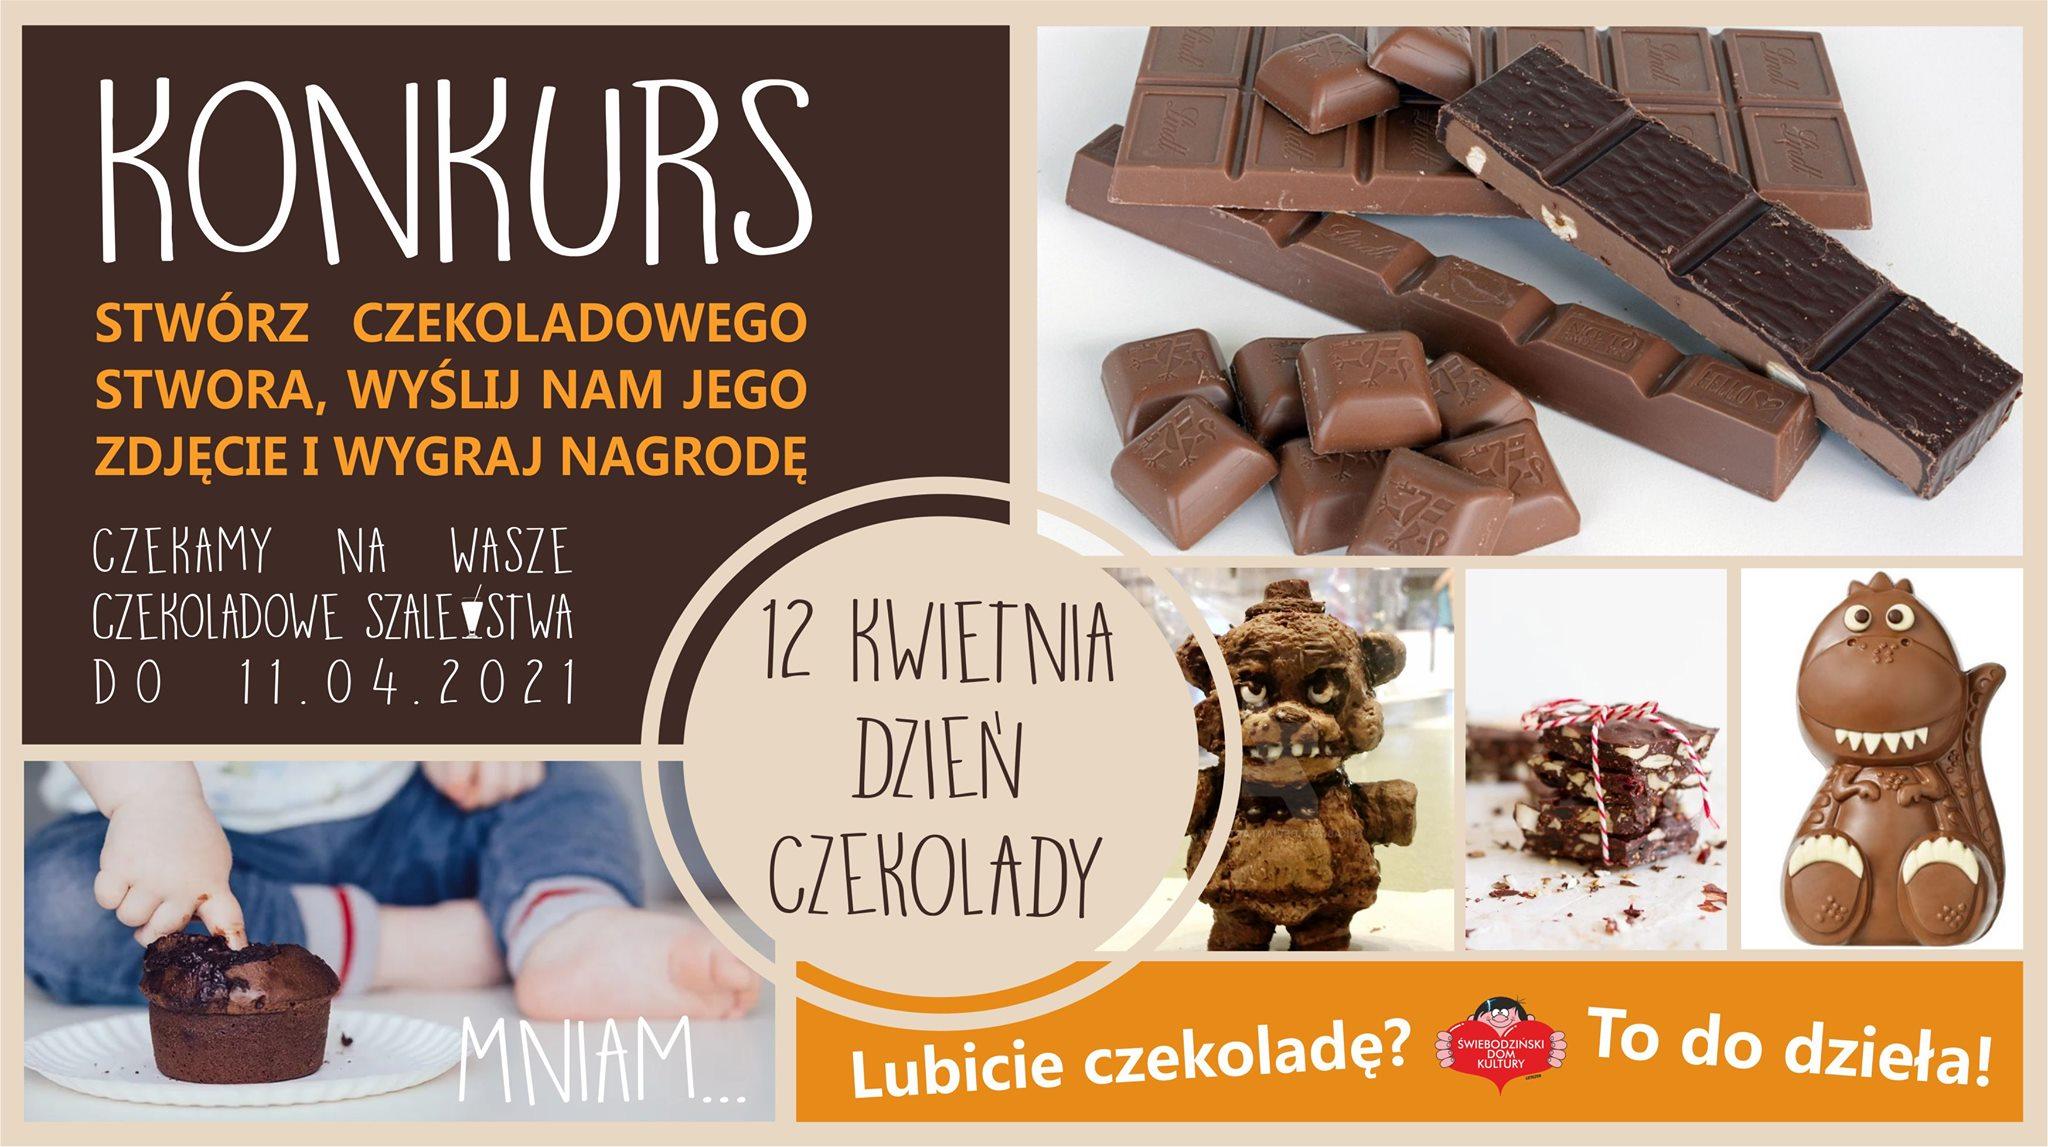 konkurs czekoladowego stwora - plakat